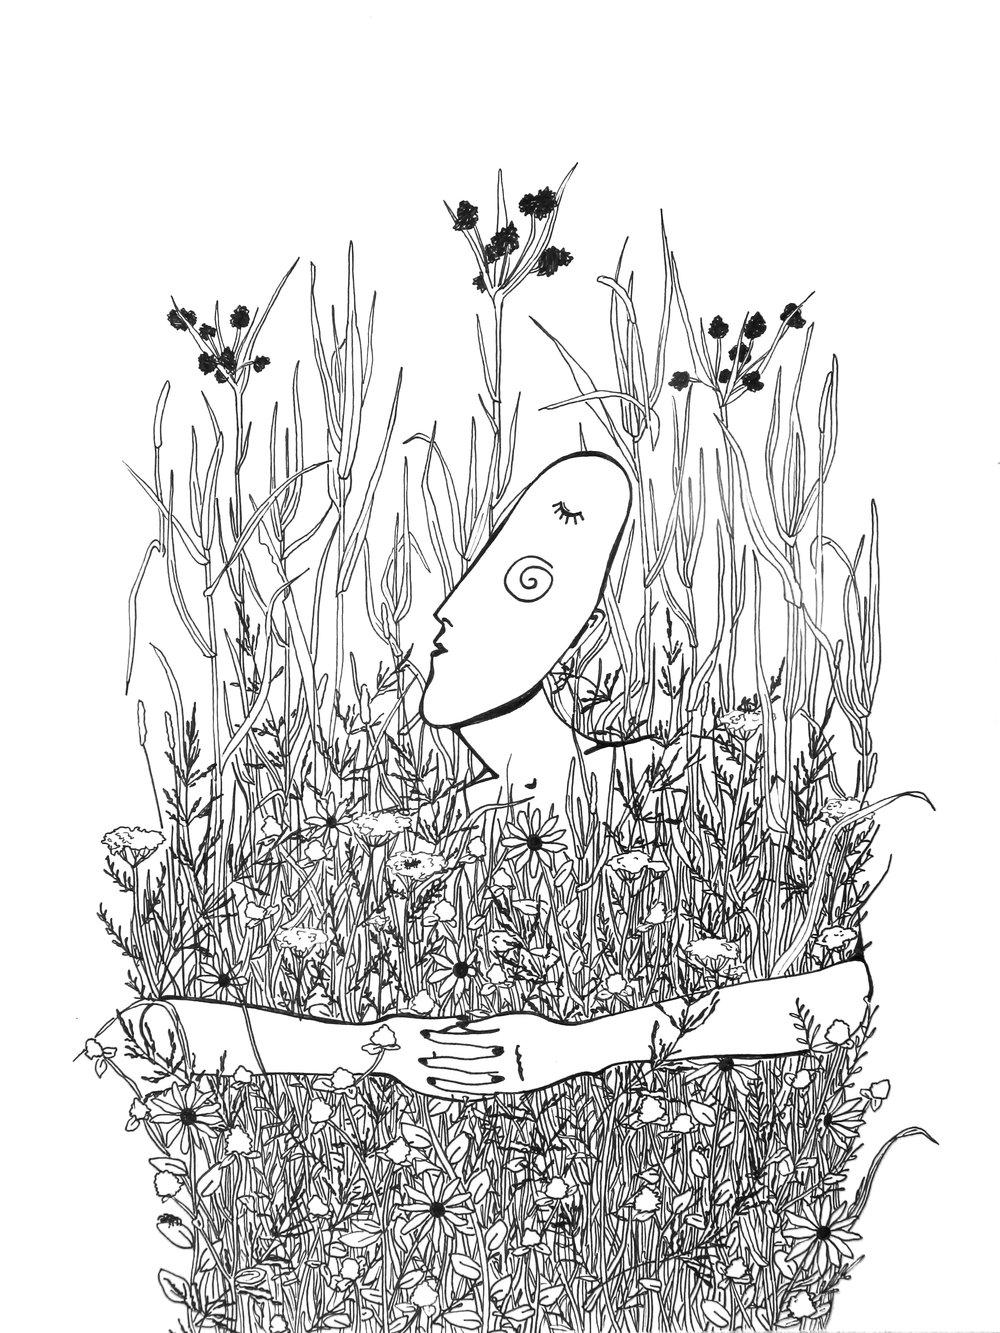 Boreal Wild Grasses